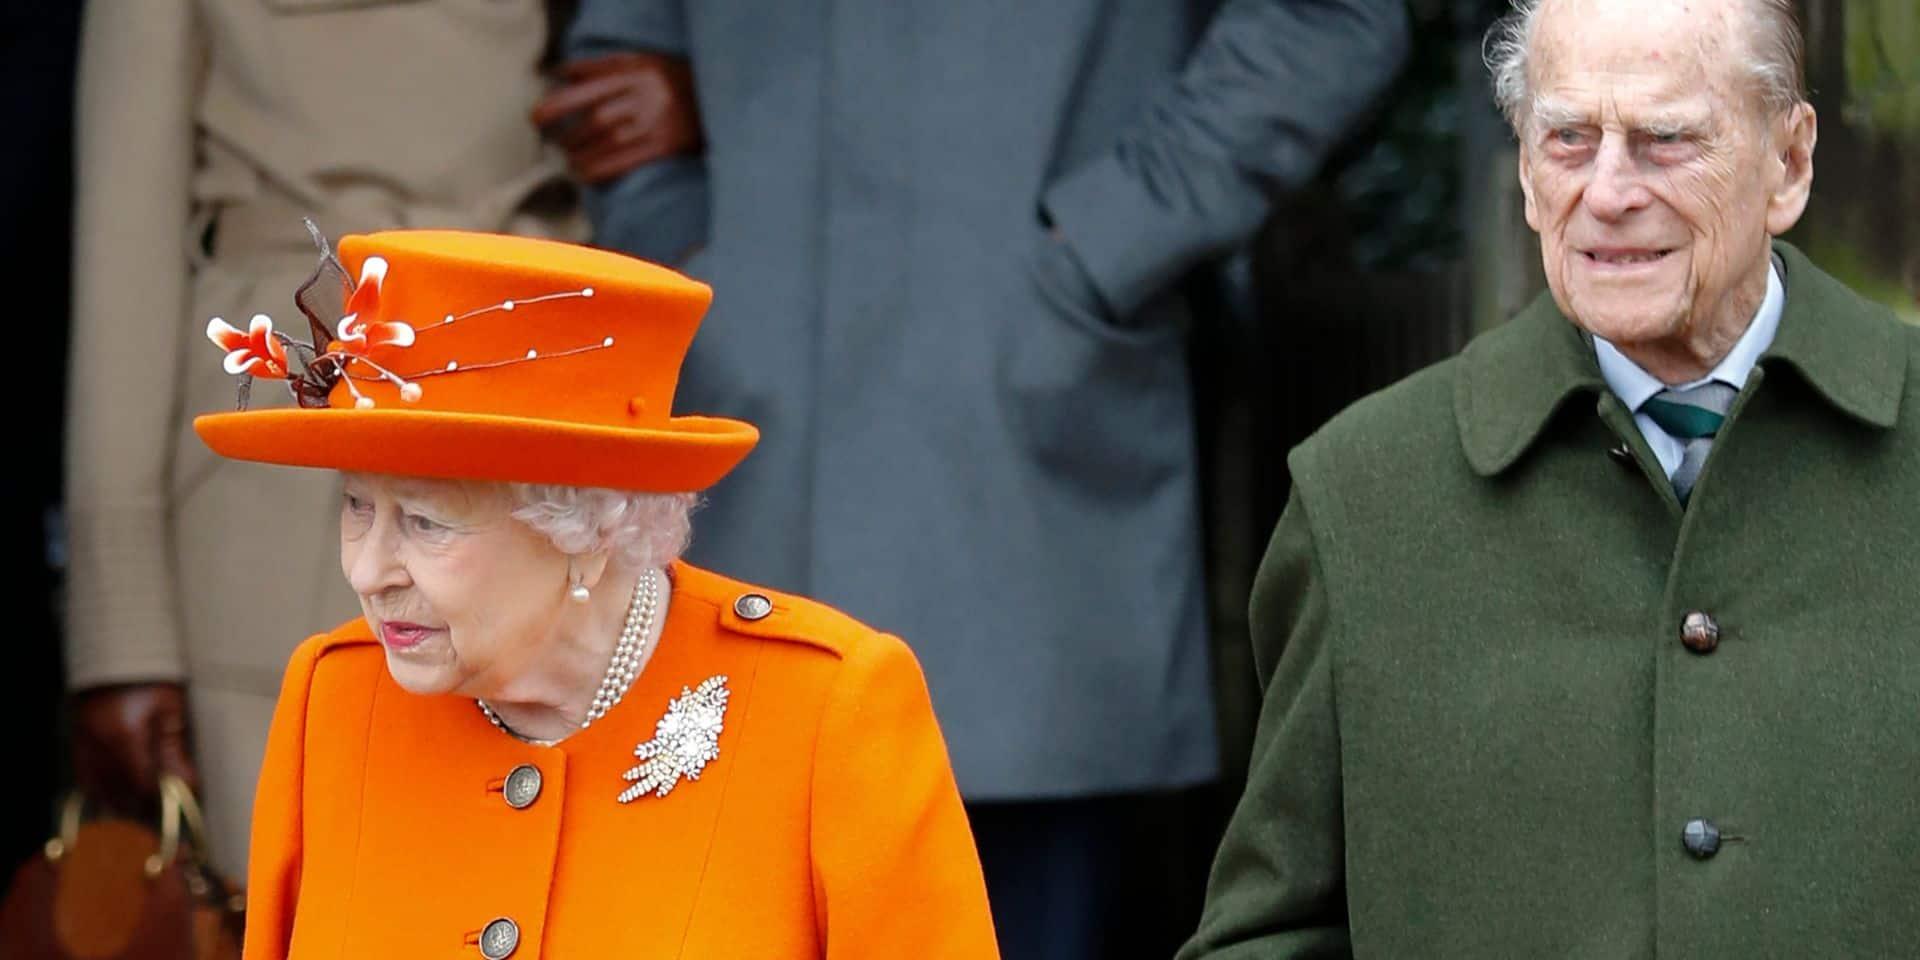 Grande-Bretagne: la reine Elizabeth bientôt vaccinée contre le Covid-19